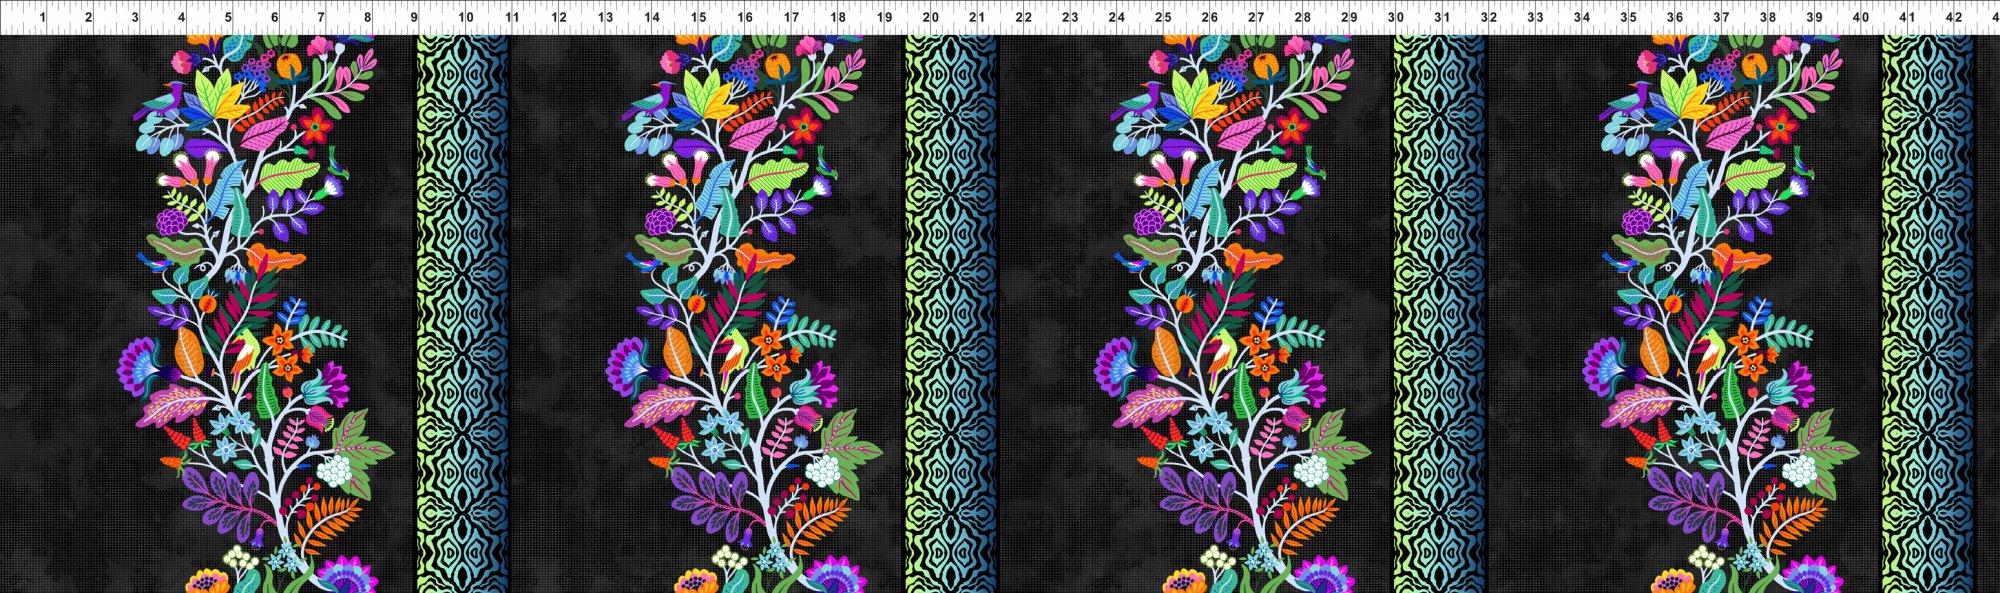 2TPS 1 Teapot Sampler - Floral Vine Border - Multi